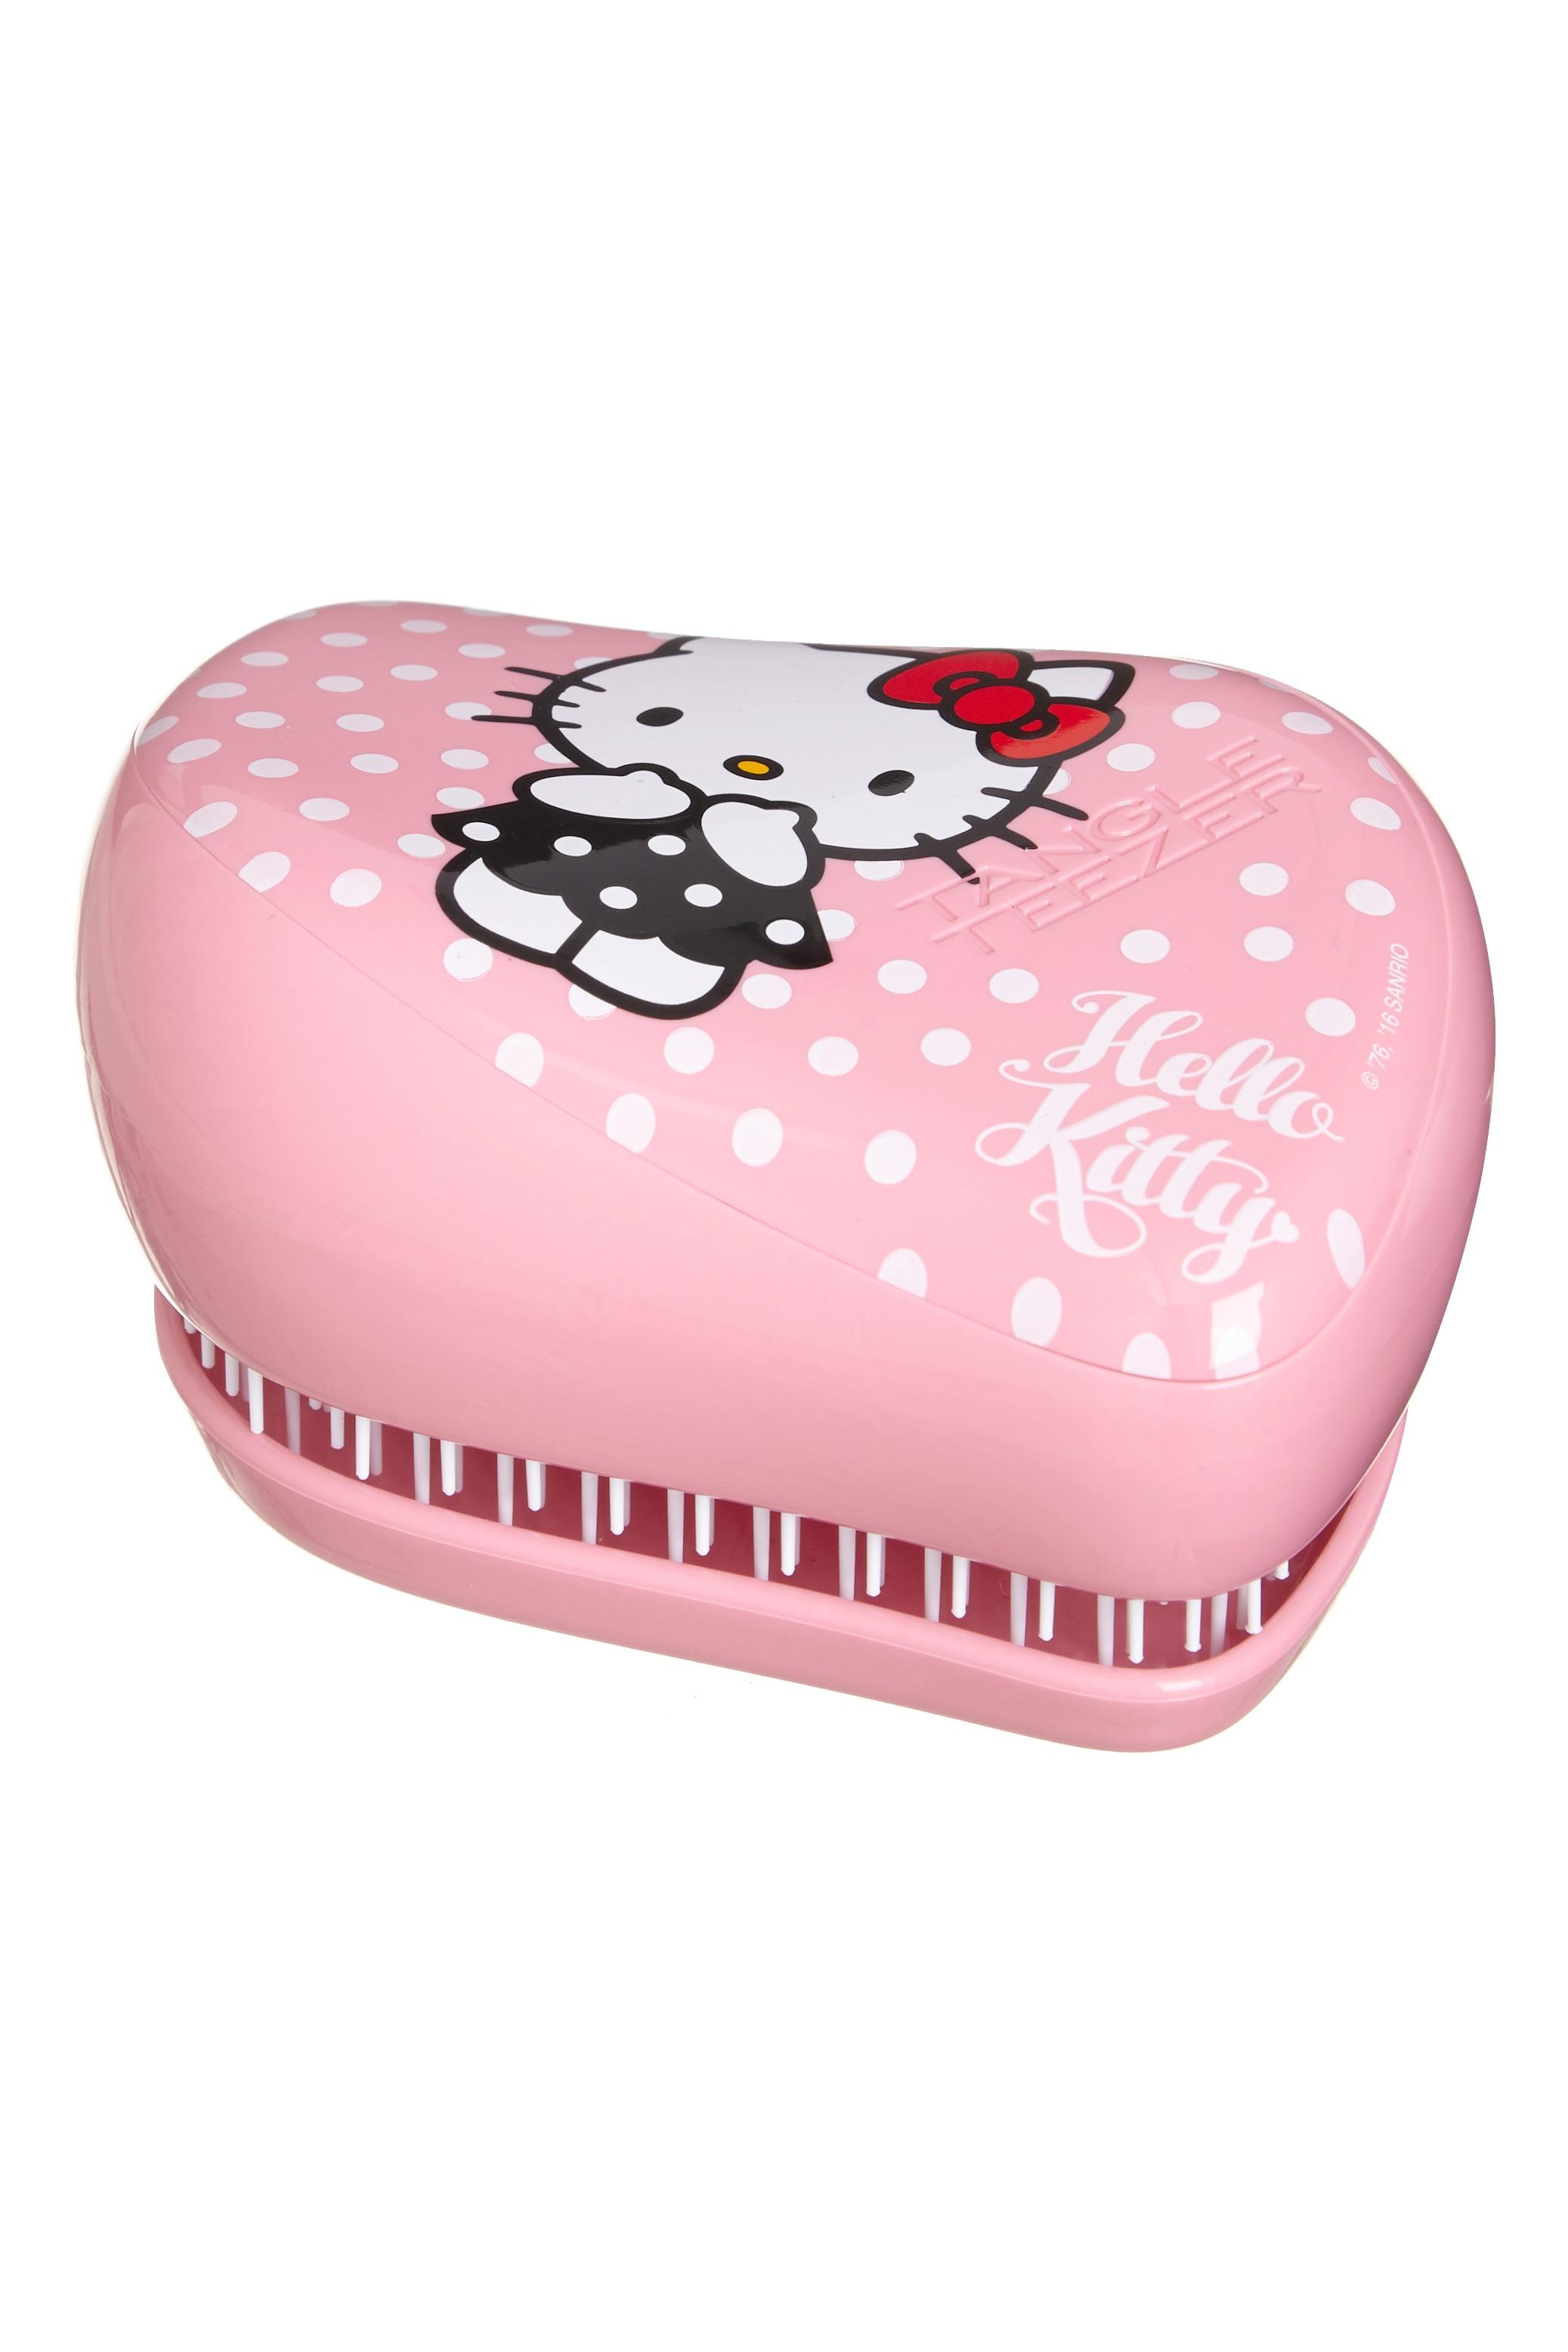 TANGLE TEEZER Расческа / Tangle Teezer Compact Styler Hello Kitty PinkРасчески<br>Профессиональная распутывающая расческа Tangle Teezer идеально подходит для всех типов волос. Оригинальная форма зубчиков обеспечивает двойное действие и позволяет расчесать сухие и влажные волосы легко и быстро, без рывков и усилий. Благодаря эргономичной форме расчёска удобно ложится в ладонь, позволяя более творчески подойти к процессу укладки. Активные ингредиенты. Состав: гипоаллергенный пластик. Способ применения: оригинальная форма зубчиков обеспечивает двойное действие и позволяет быстро и безболезненно расчесать влажные и сухие волосы. Благодаря эргономичному дизайну, расческу удобно держать в руках, не опасаясь выскальзывания. Расческа дополнена удобным футляром.<br><br>Класс косметики: Профессиональная<br>Типы волос: Для всех типов